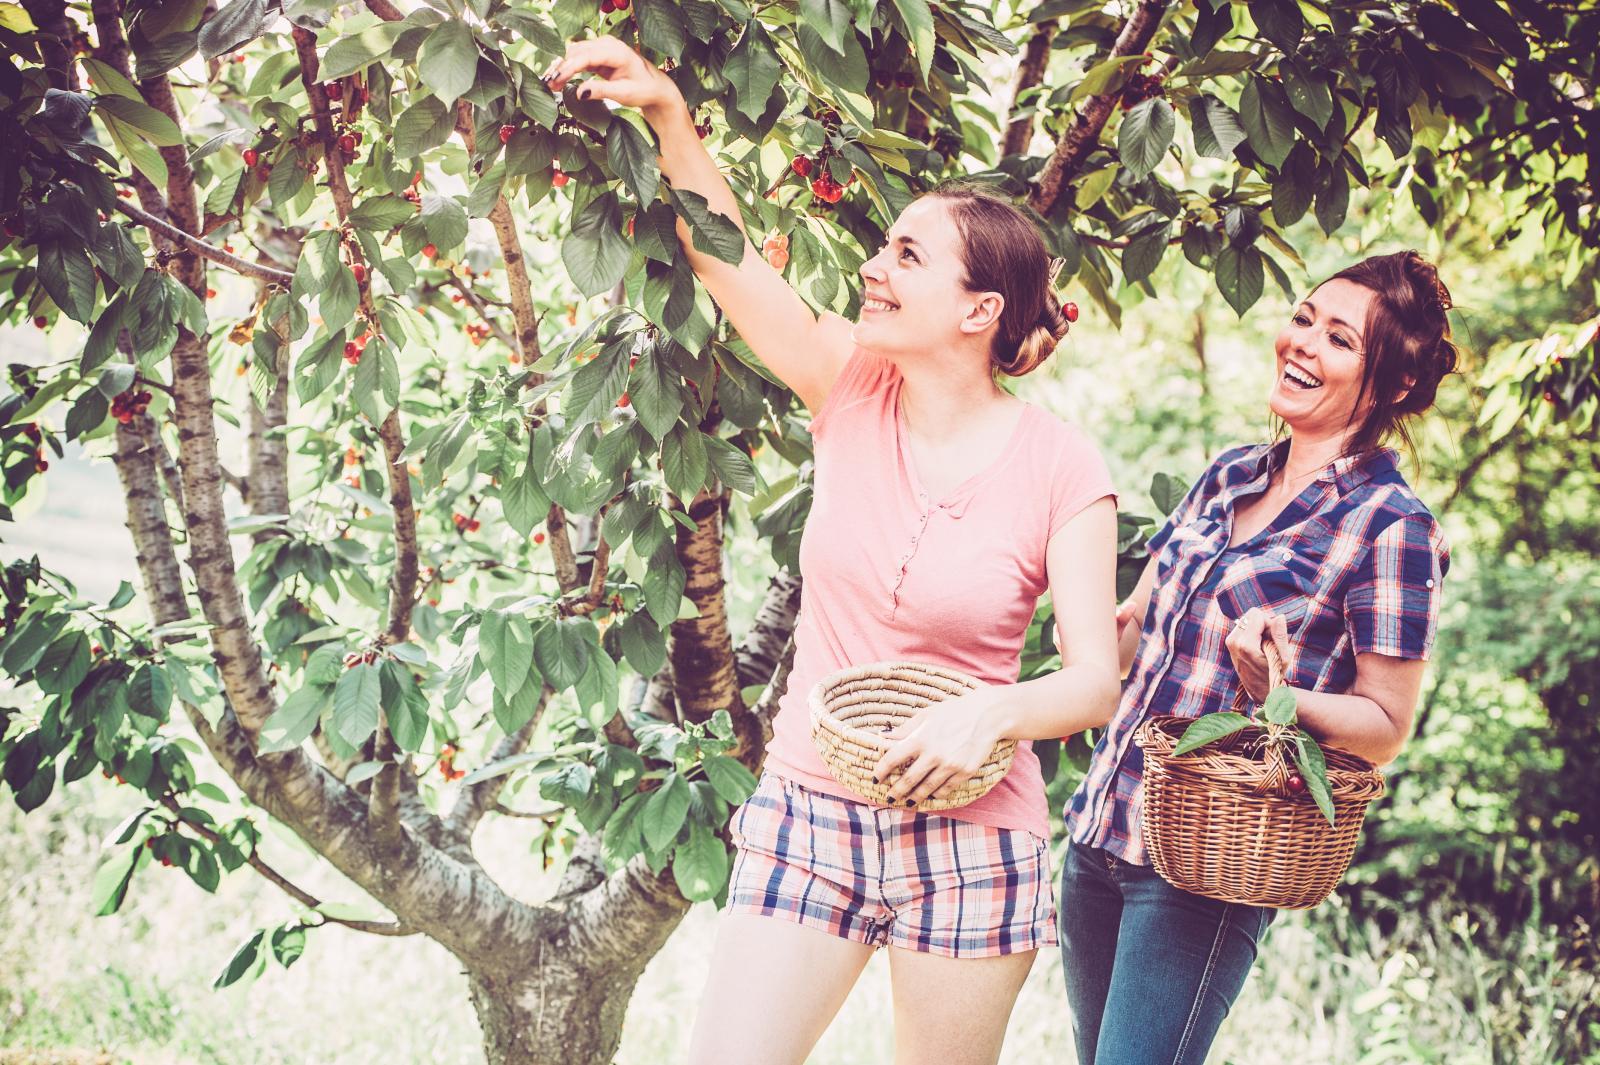 Preduhitrite ptice, pčele i bumbare, oberite stablo na vrijeme, a u pomoć pozovite djecu, rodbinu, prijatelje...